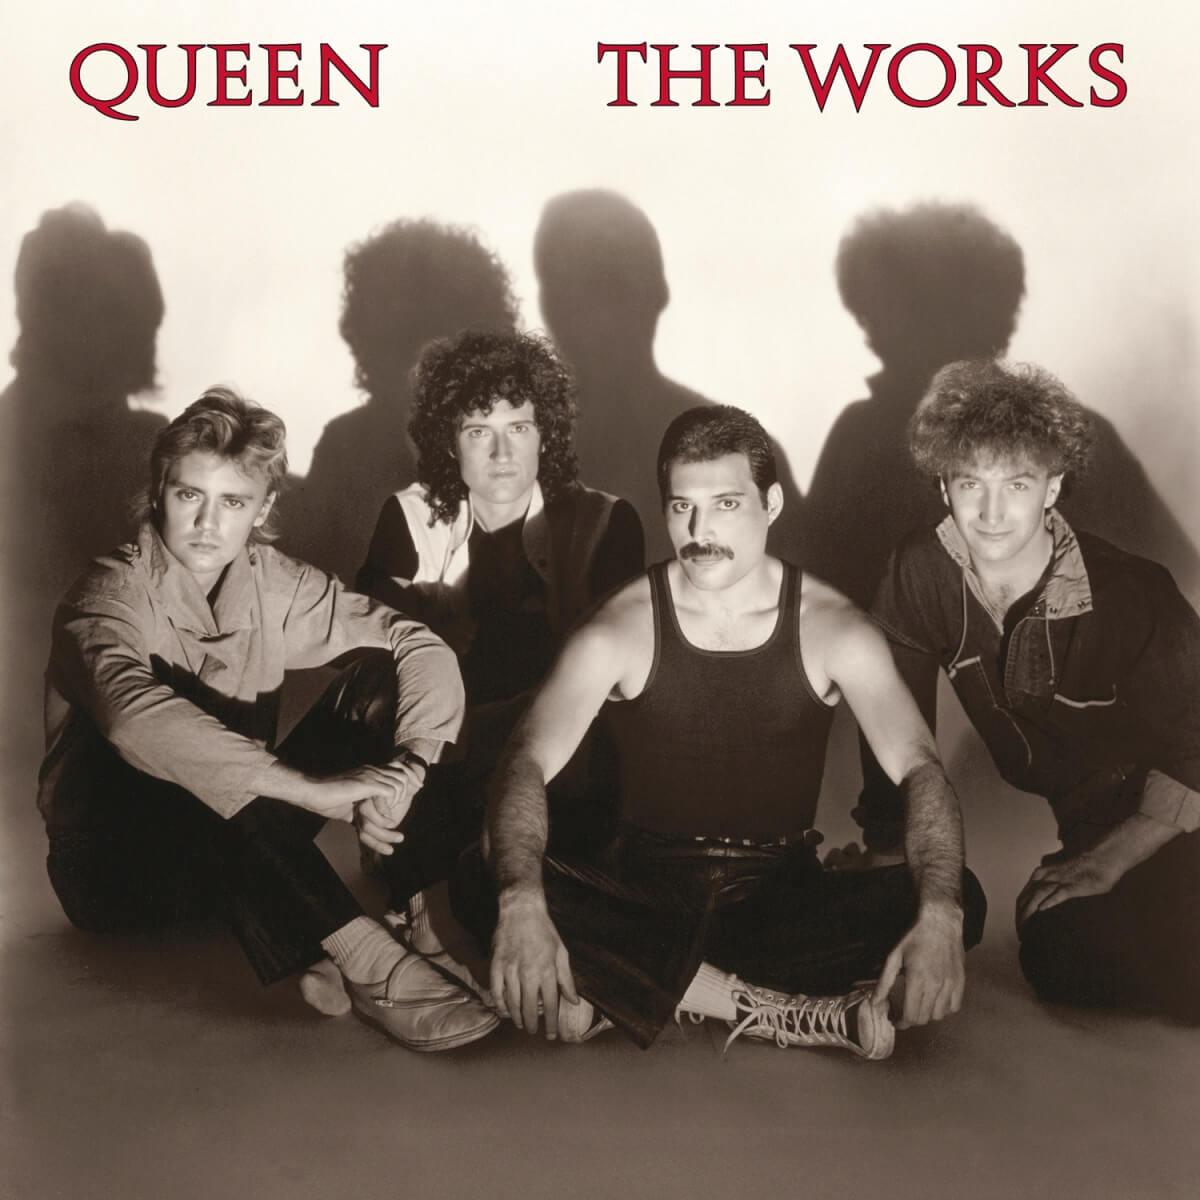 Queen - The Works|ジャケット画像